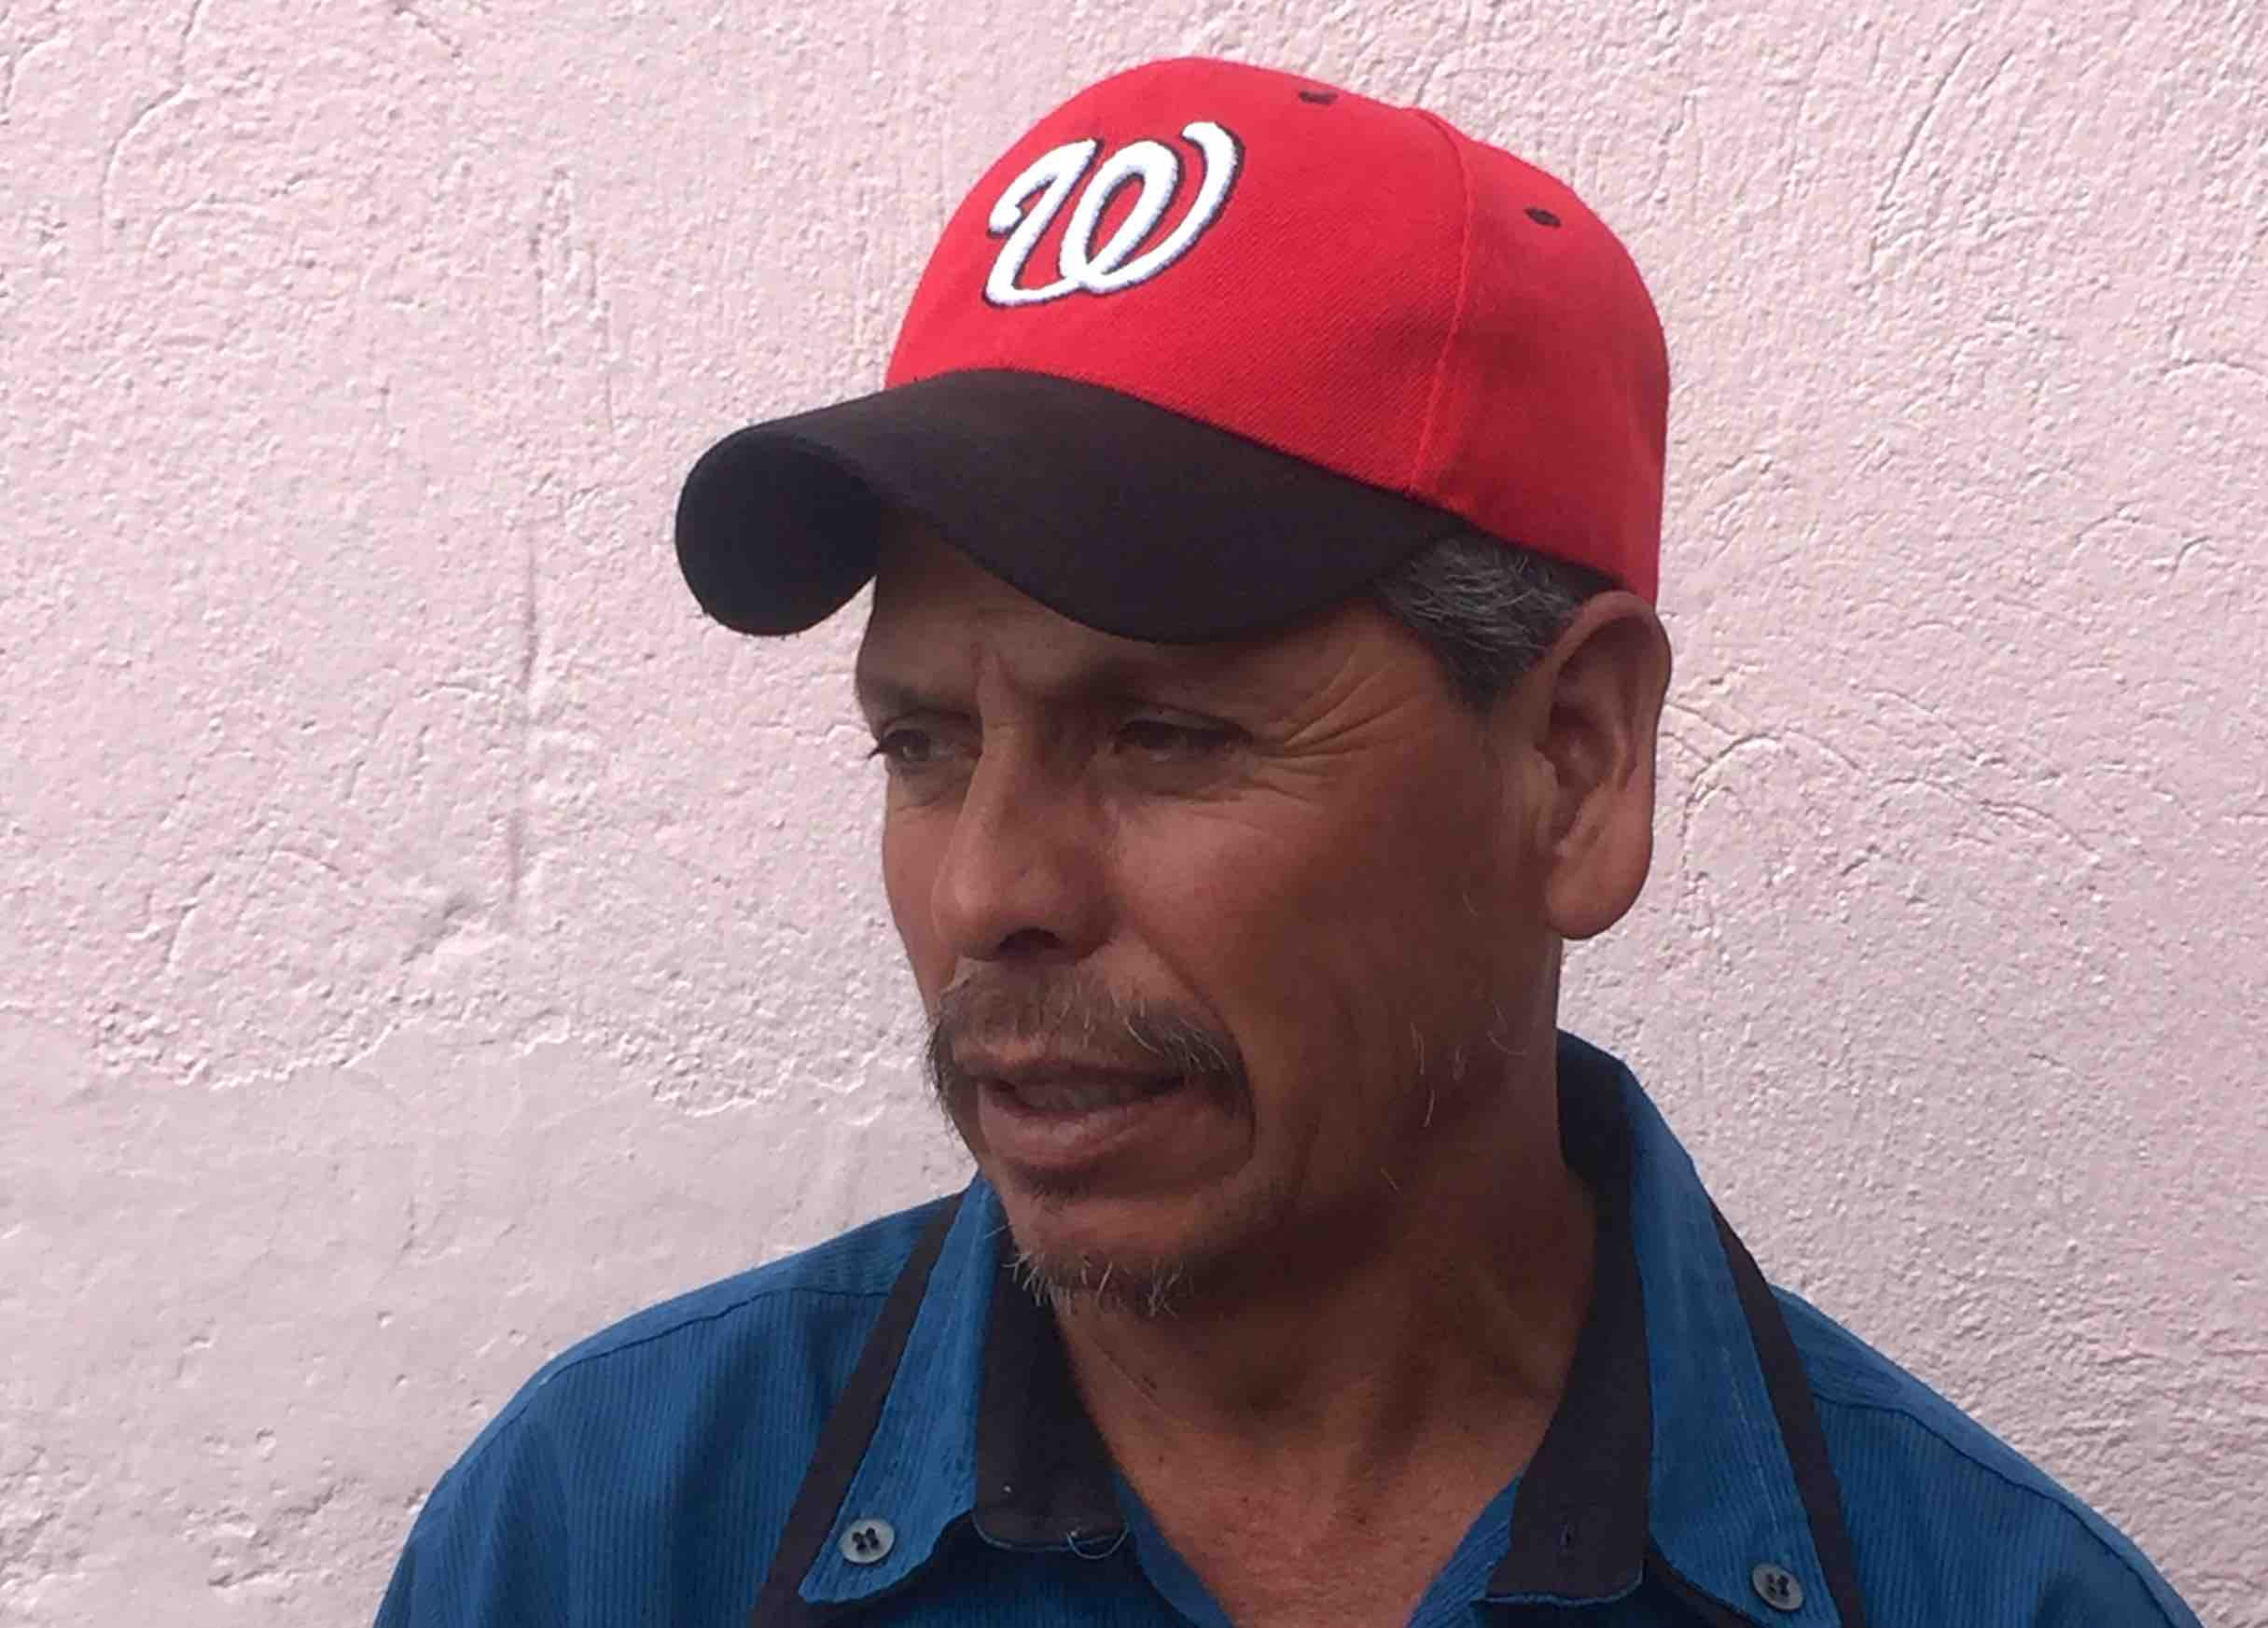 Constructoras condicionan empleo a habitantes de Perote a cambio de votar por el PRI: Agente municipal suplente